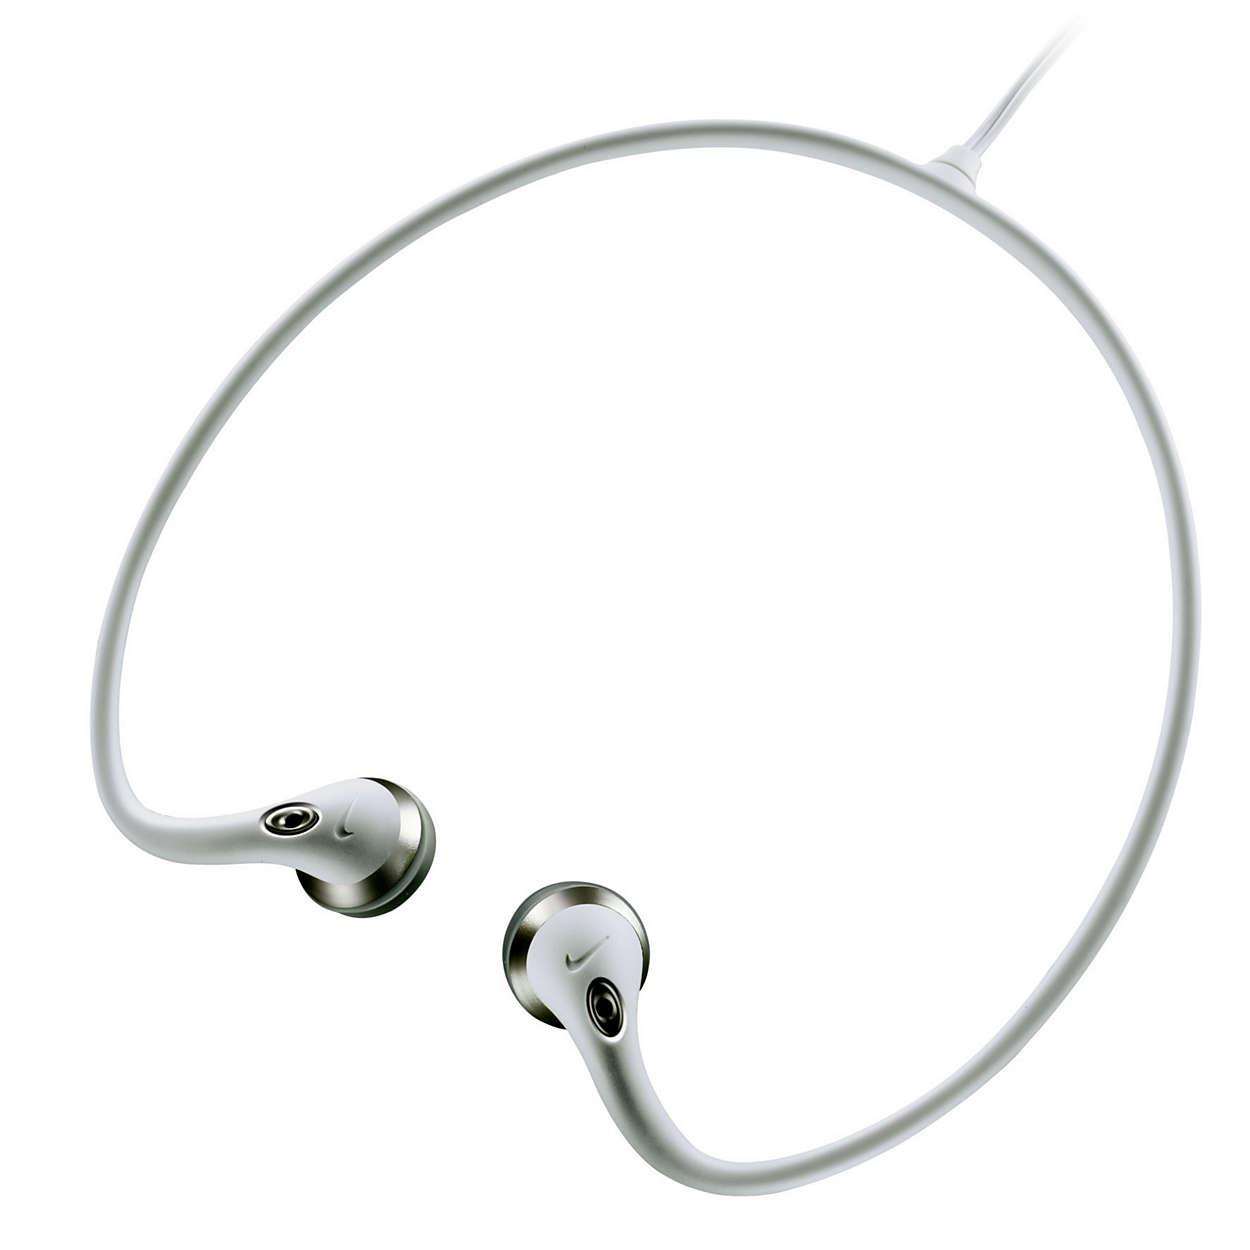 具智慧纜線設計的輕巧頸帶